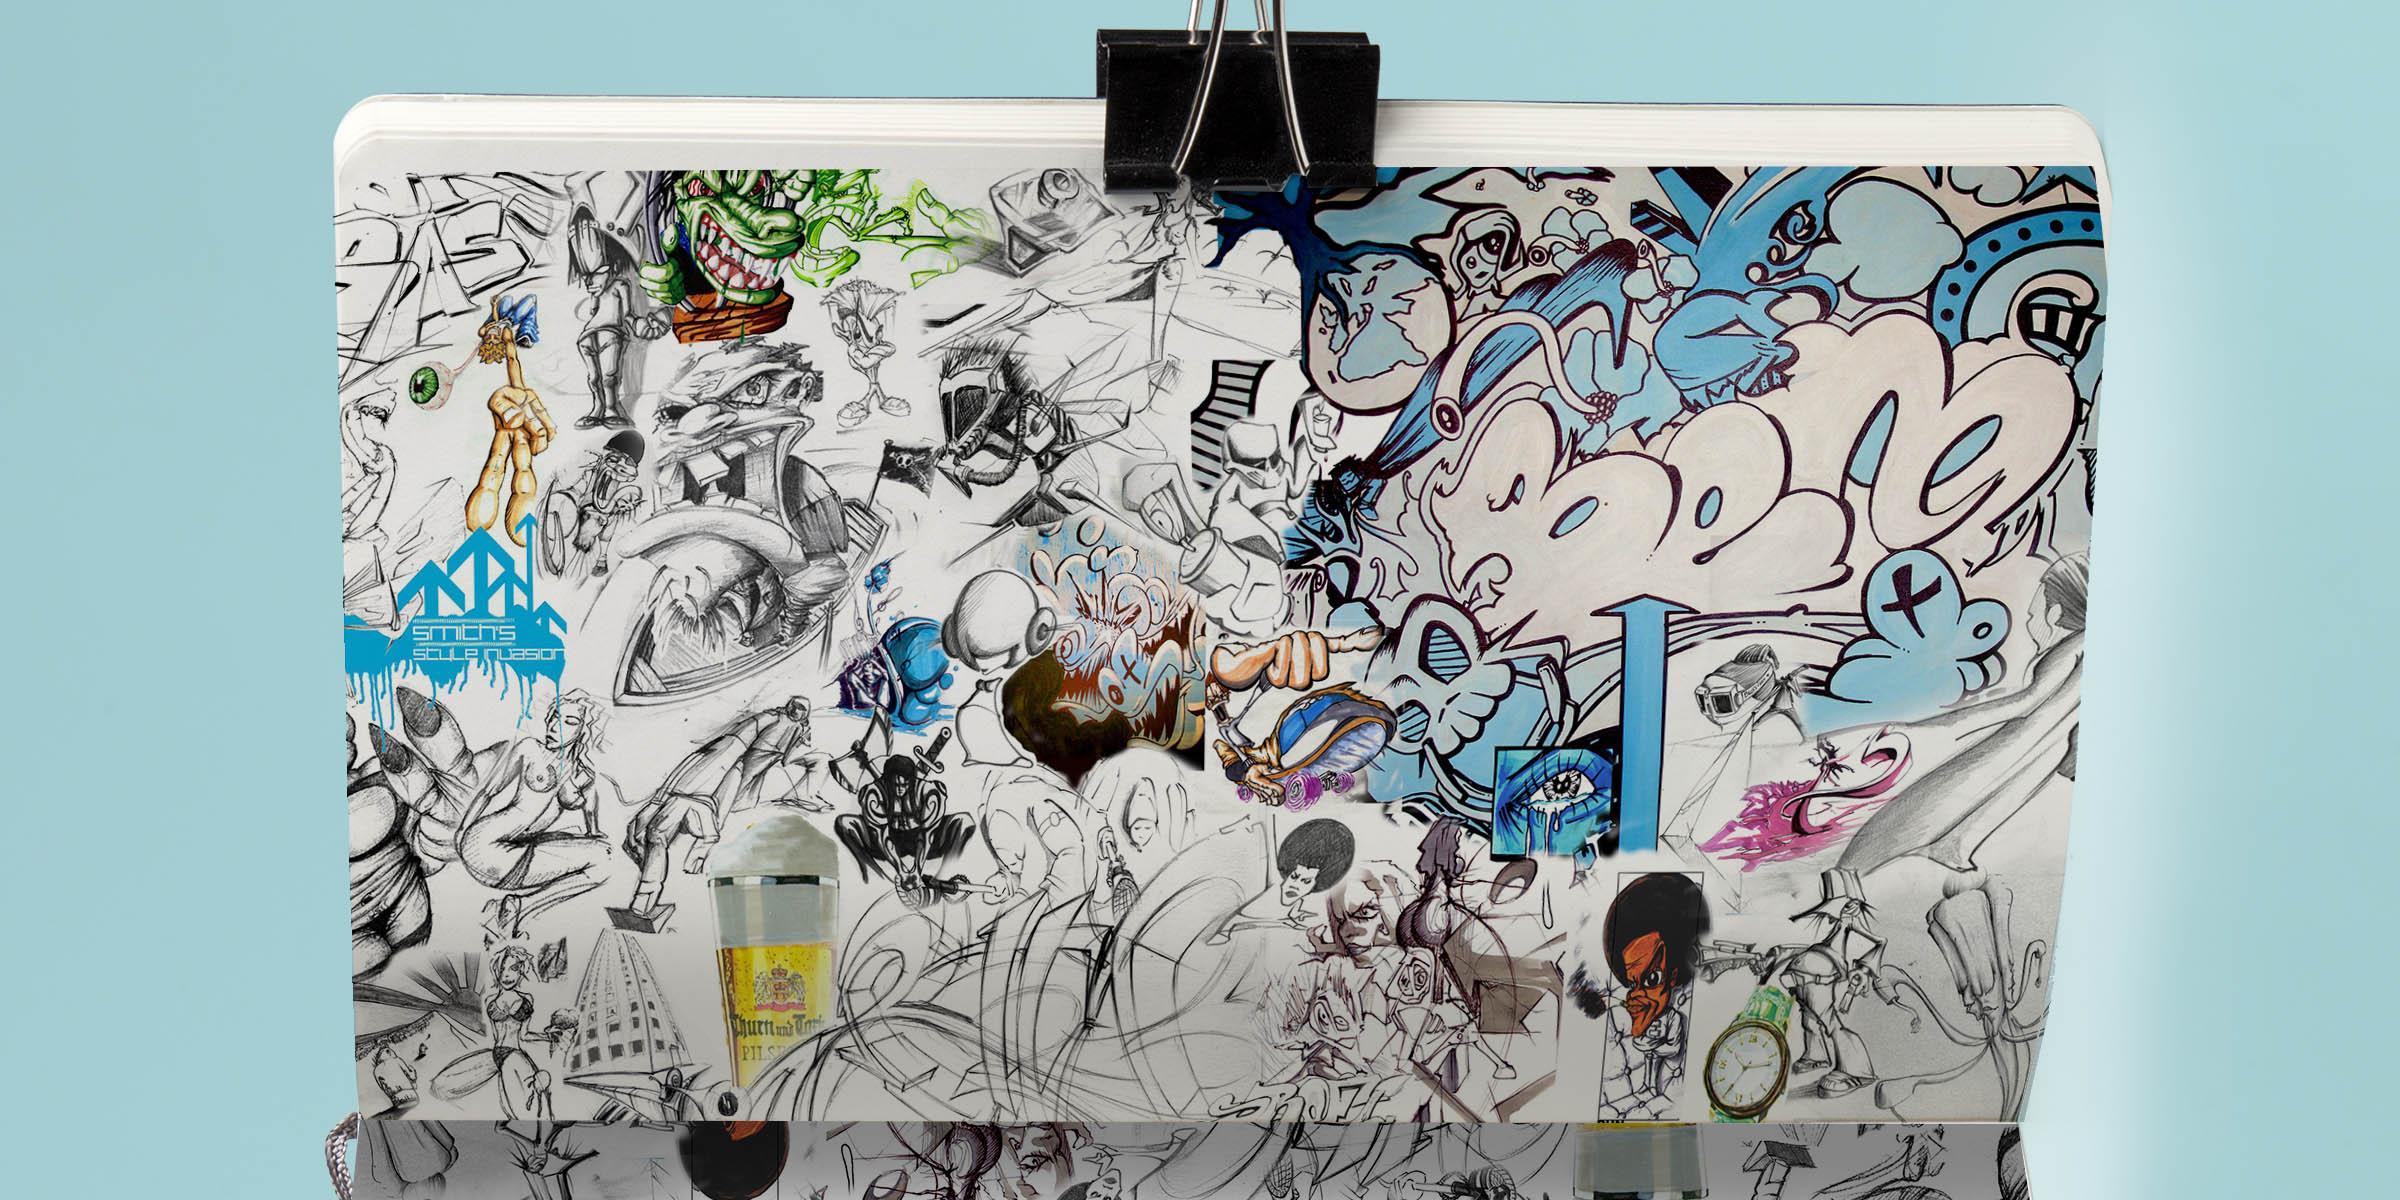 3gregor fenger art street acryl jakarta fair scribble graffiti